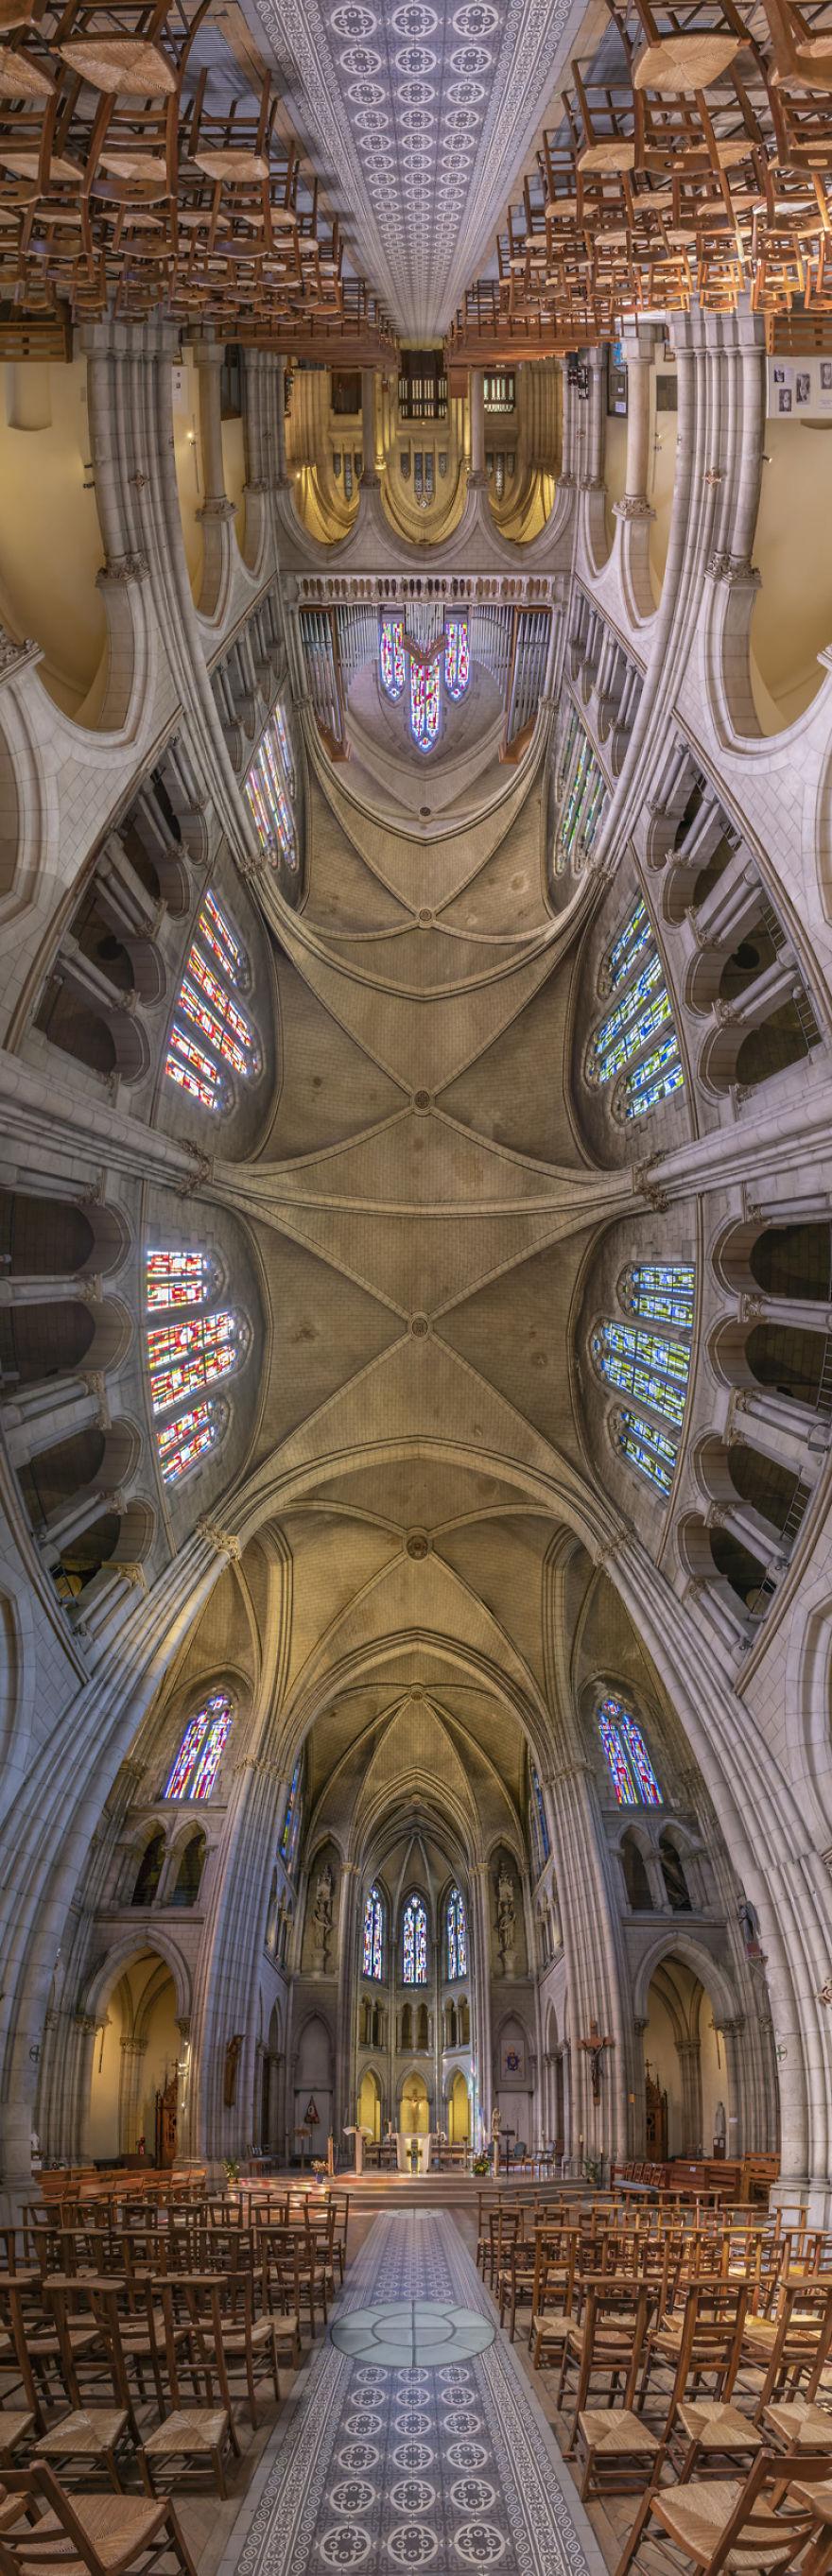 Basilique-Paroisse-Notre-Dame-du-Perpetuel-Secours-Paris-France-5afb3824062bb__880